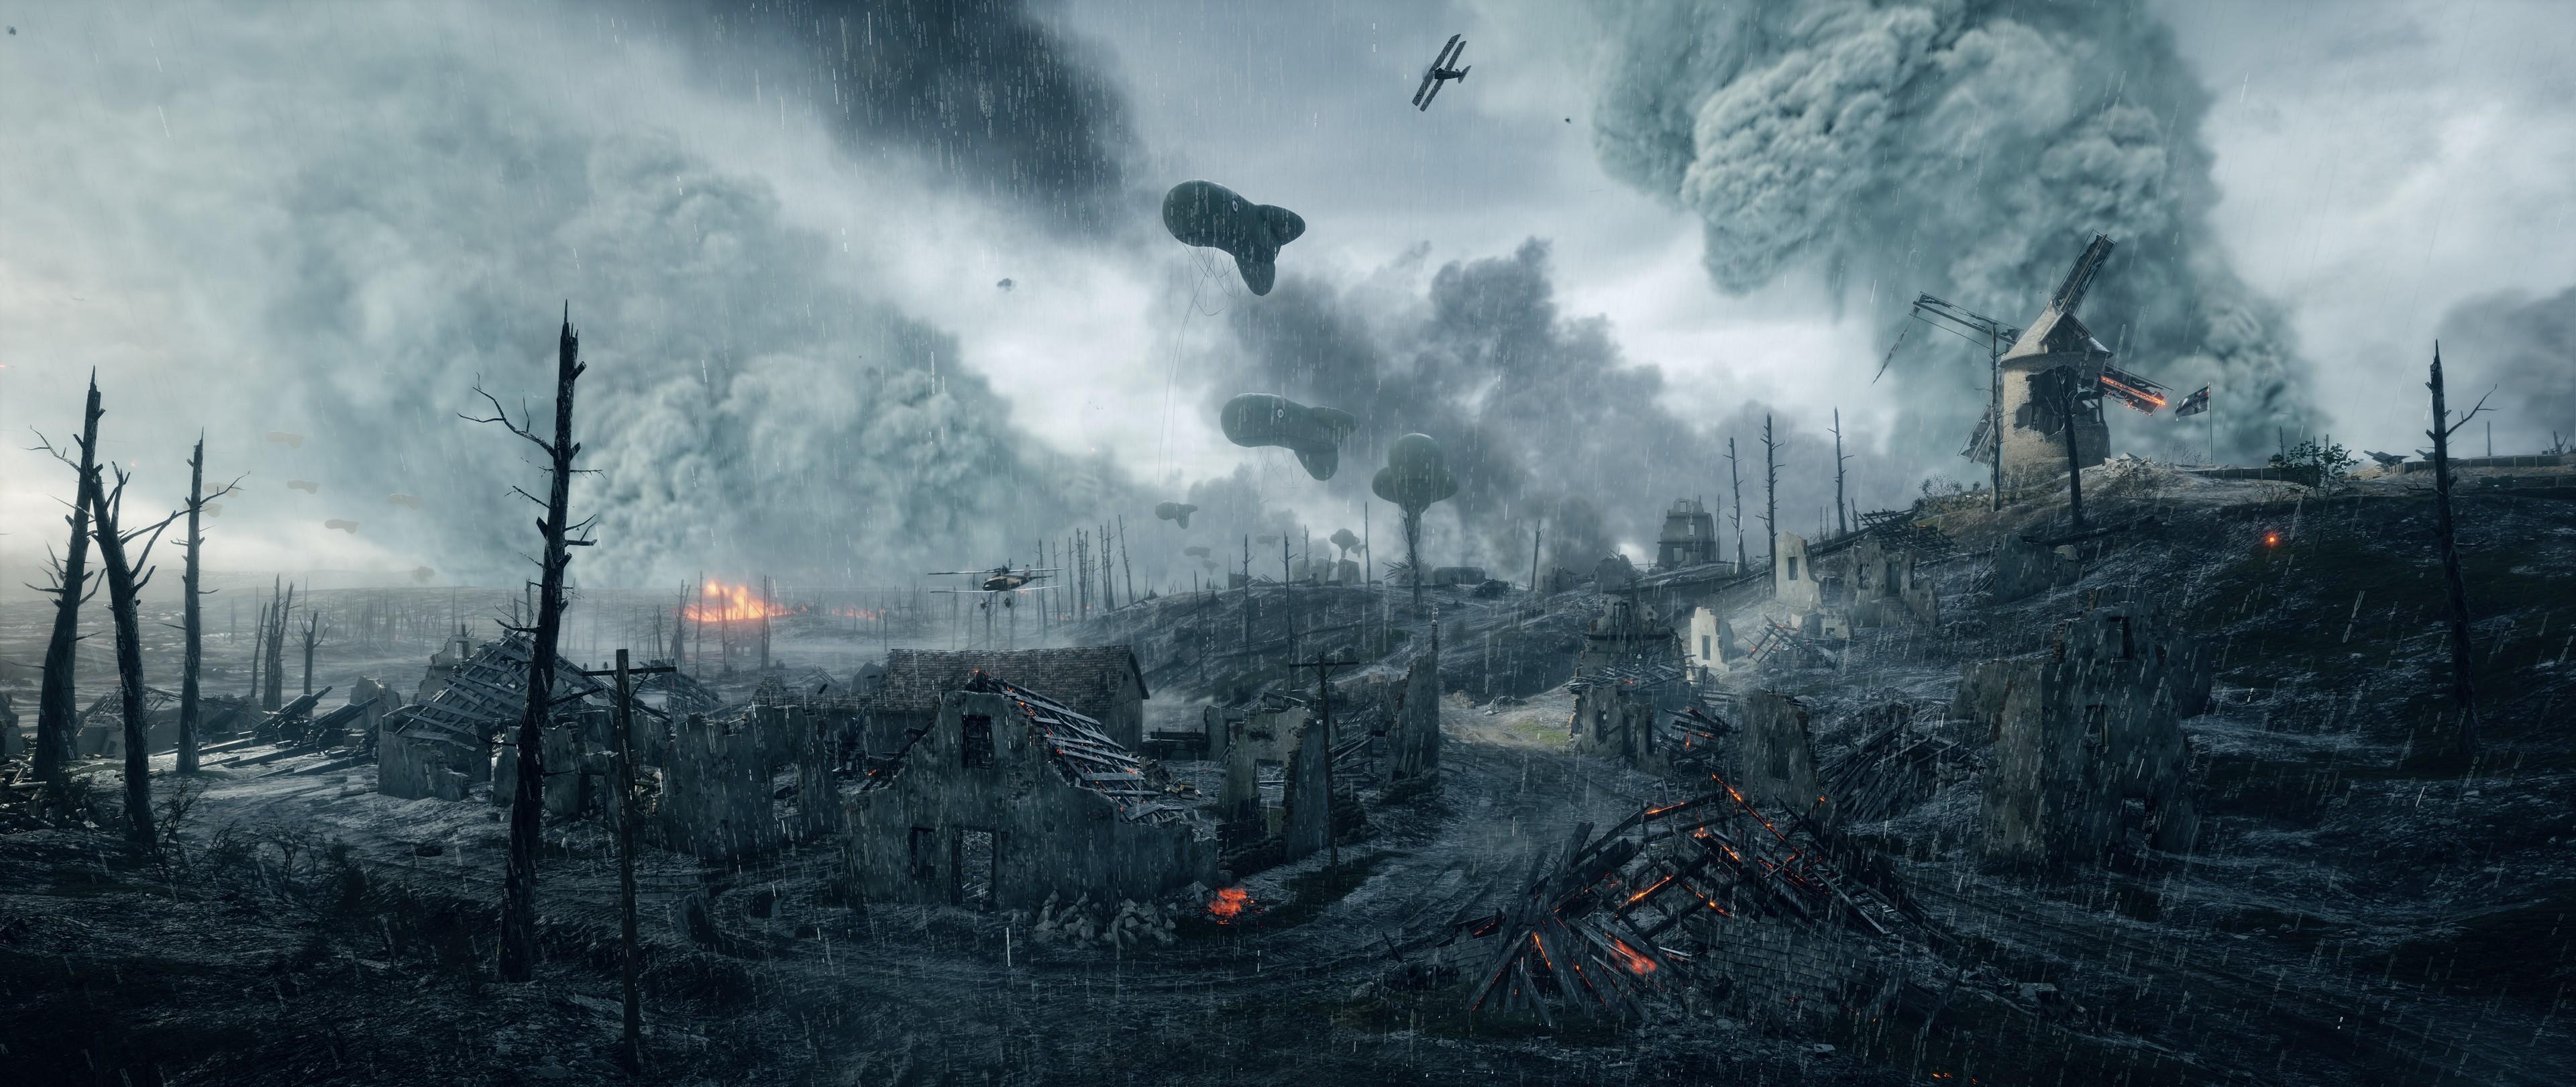 Video Games War Soldier Fire World I Battlefield 1 EA DICE Wildfire Screenshot 3840x1620 Px